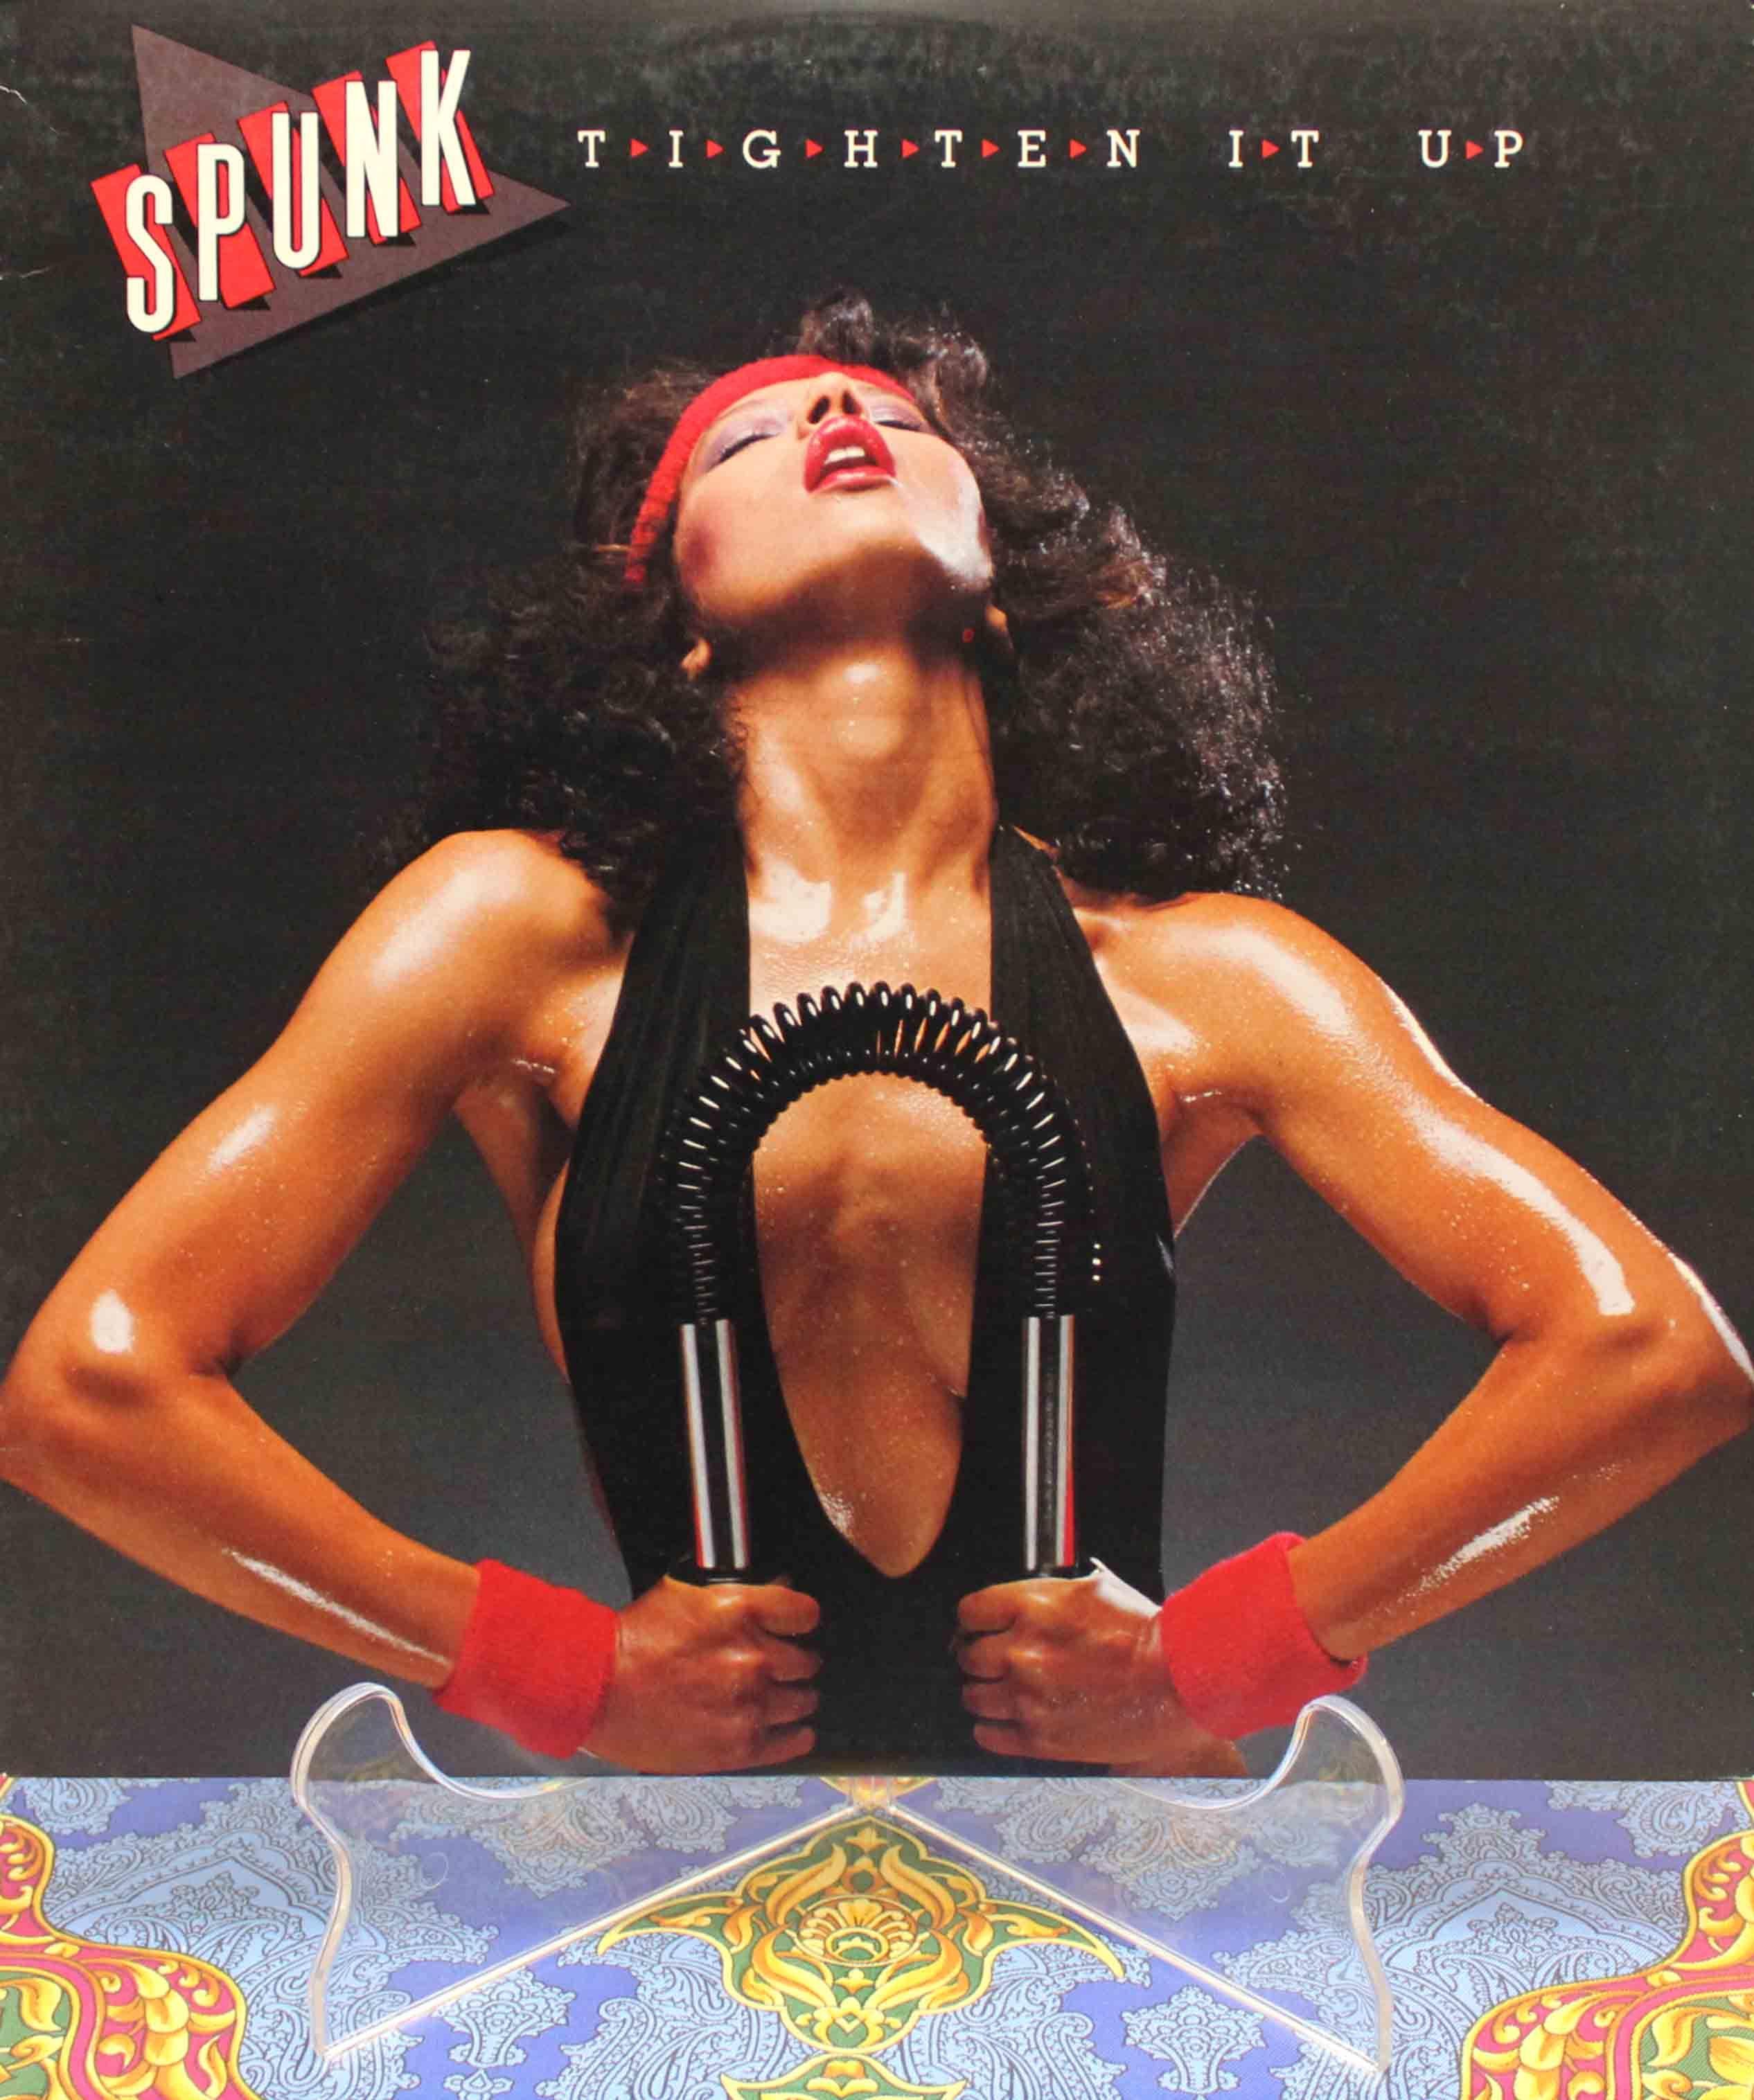 Spunk Tighten It Up LP 01